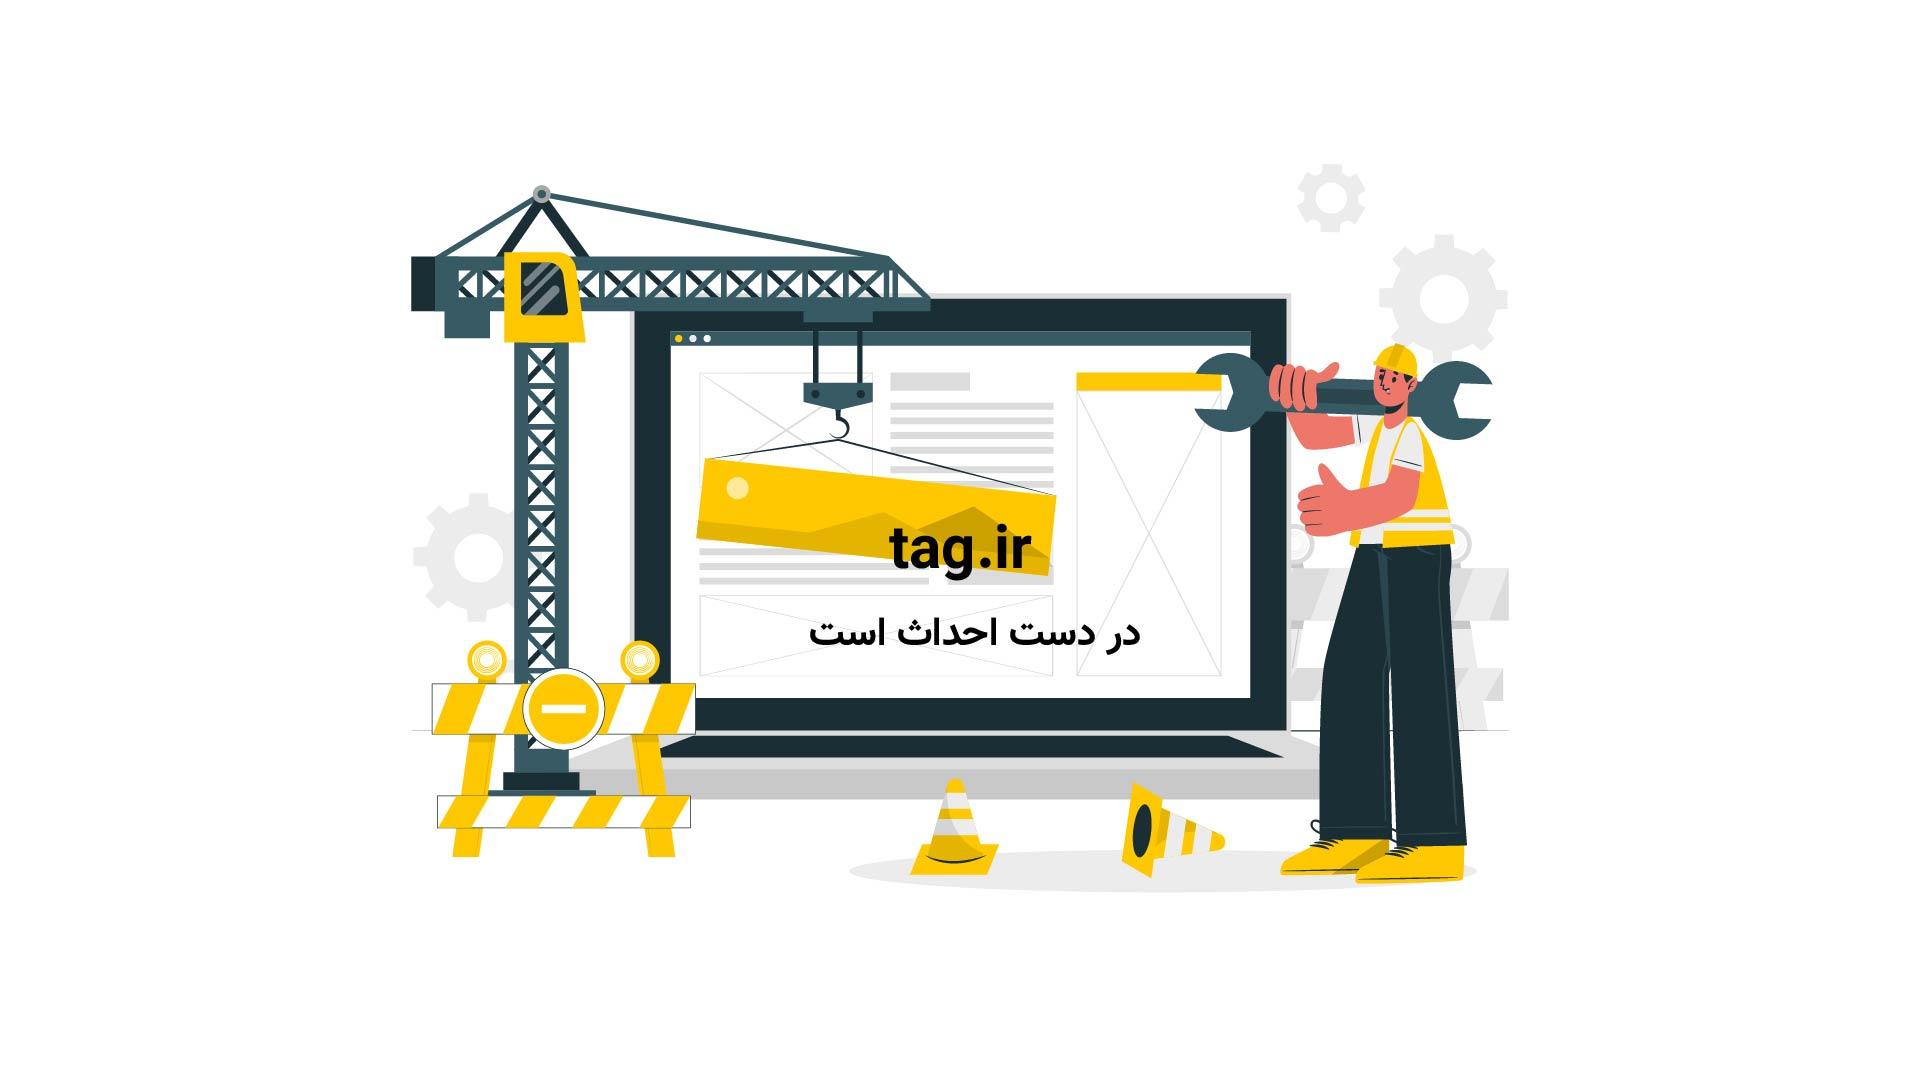 ایجاد مدل جدید ارزی بانک مرکزی برای تامین ارز مورد نیاز در کشور | فیلم